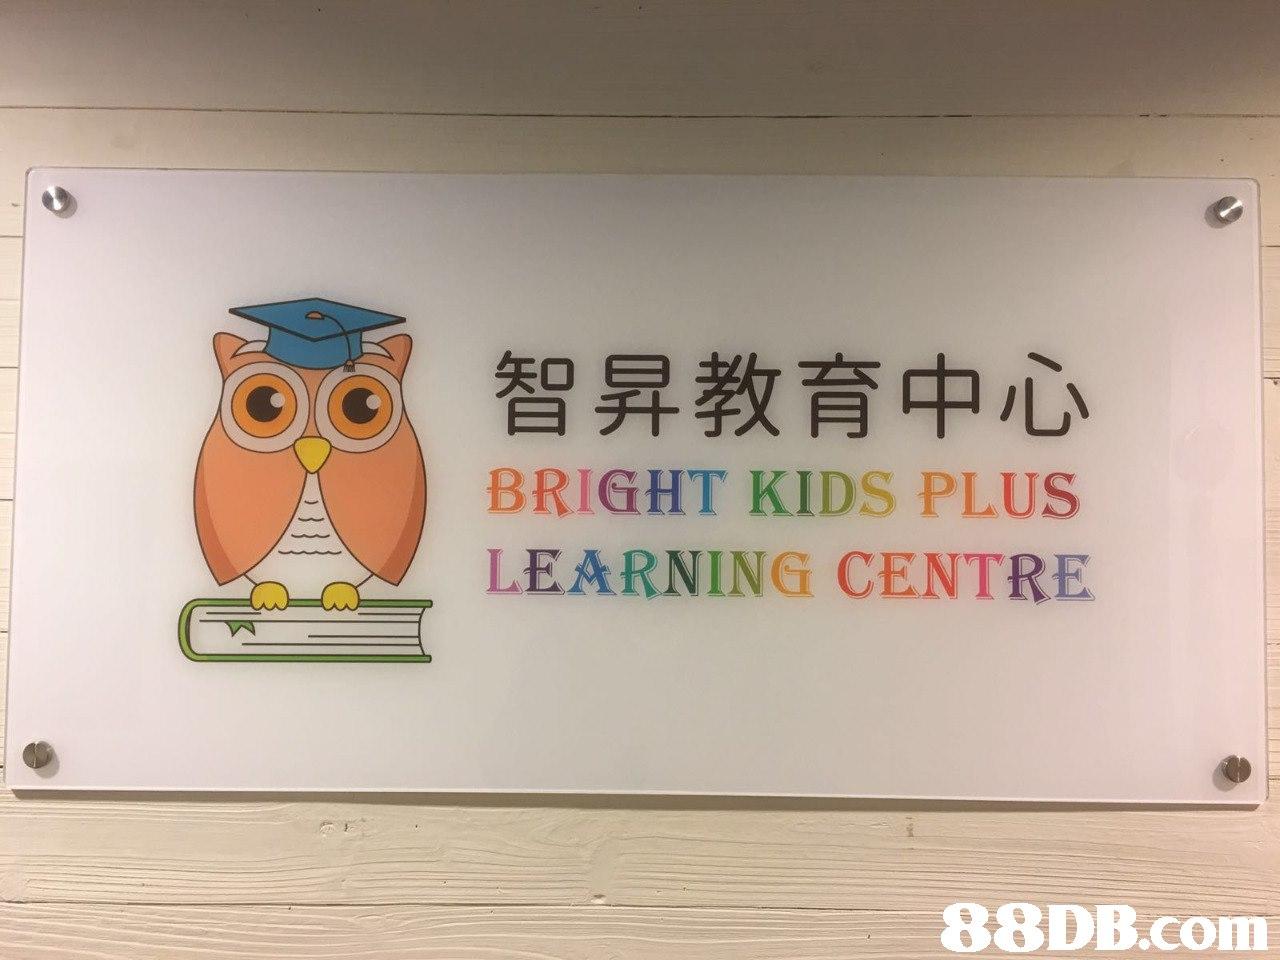 智昇教育中心 BRIGHT KIDS PLUS LEARNING CENTRE   Text,Owl,Bird,Room,